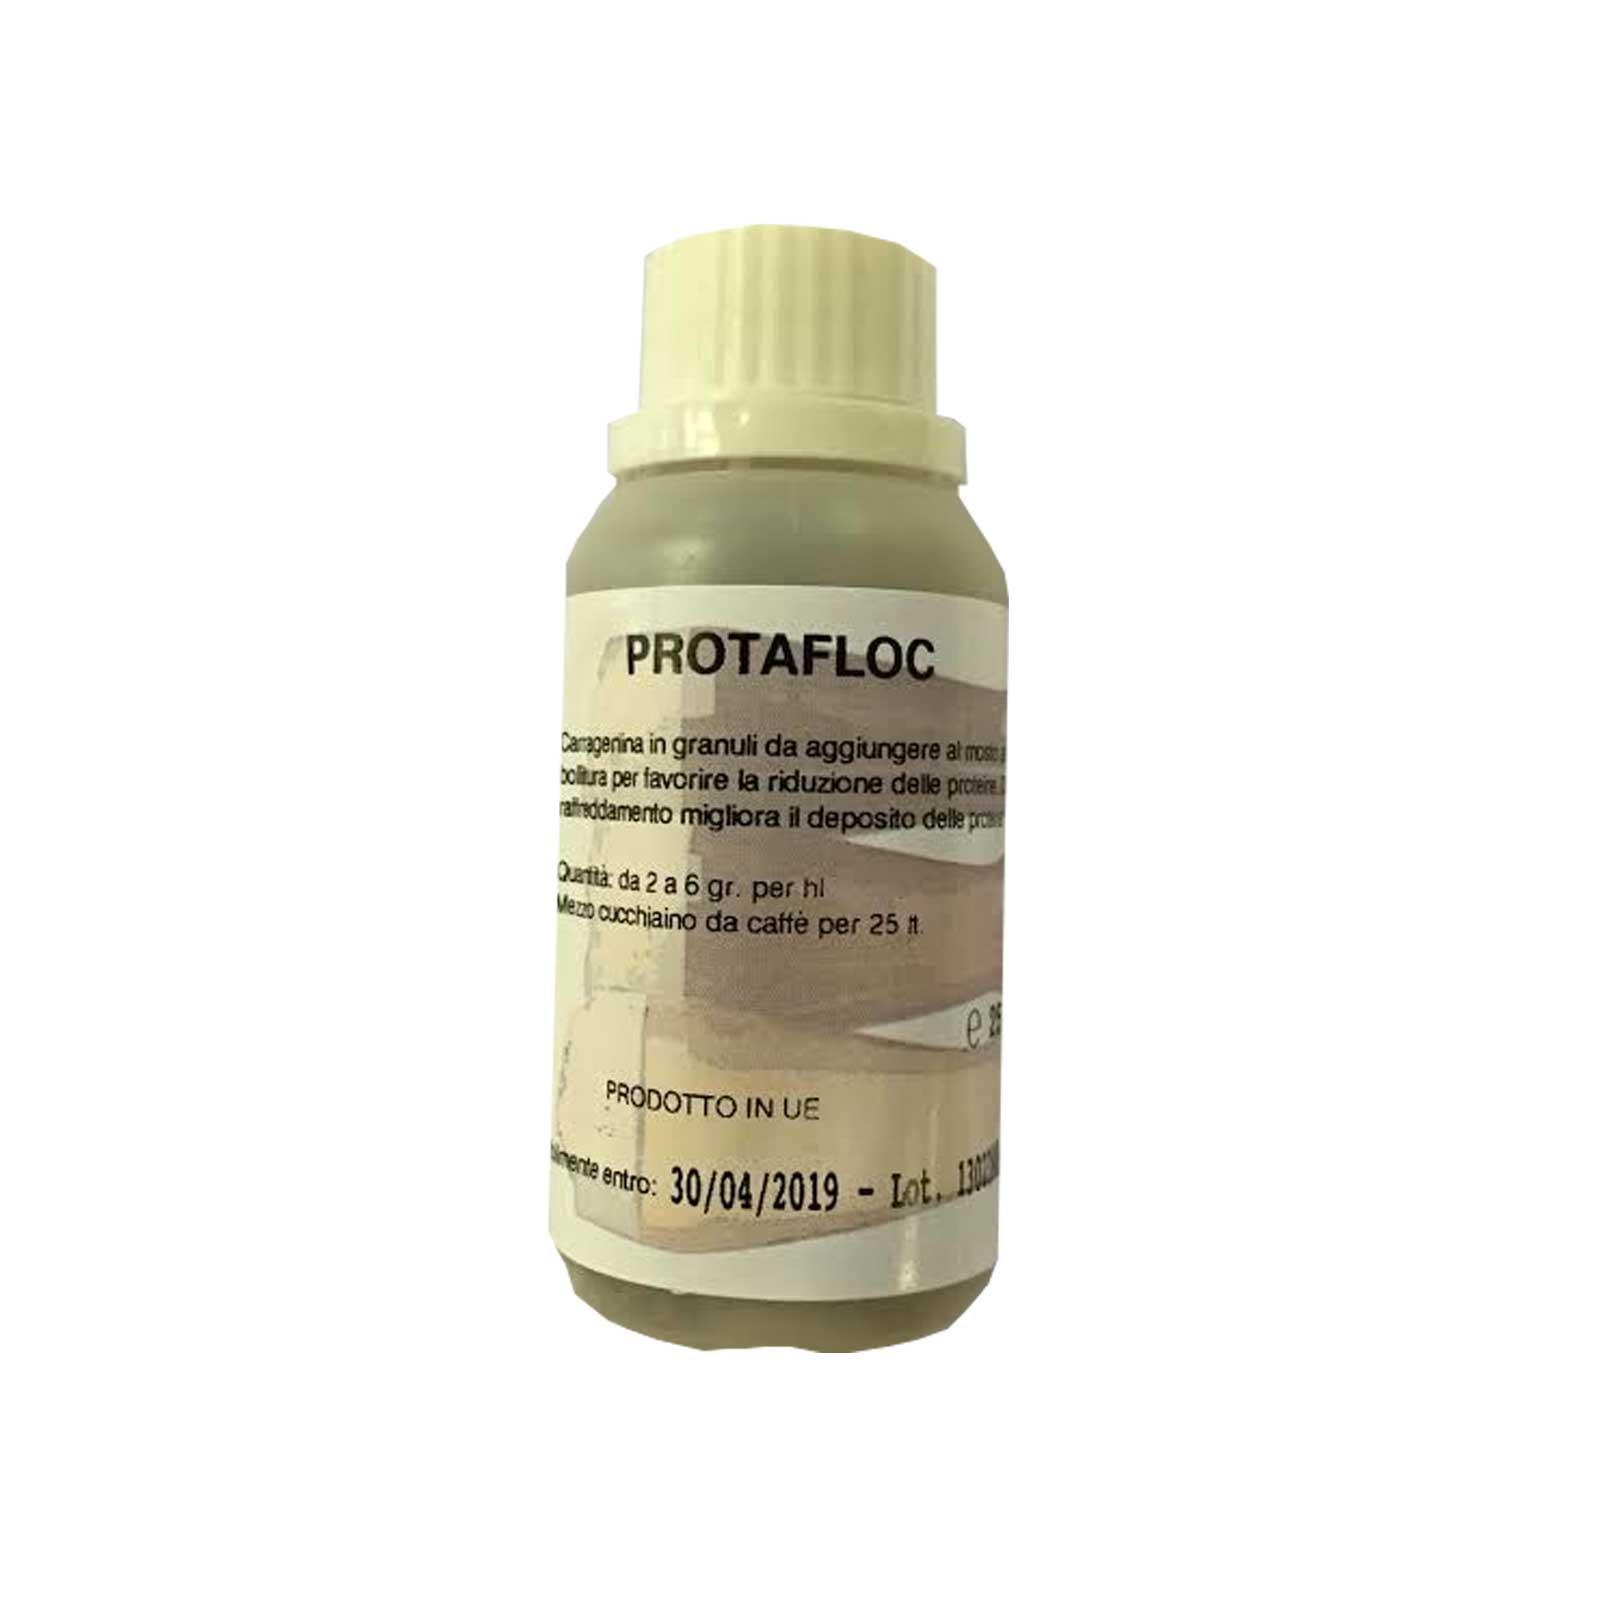 c8c563e_protafloc